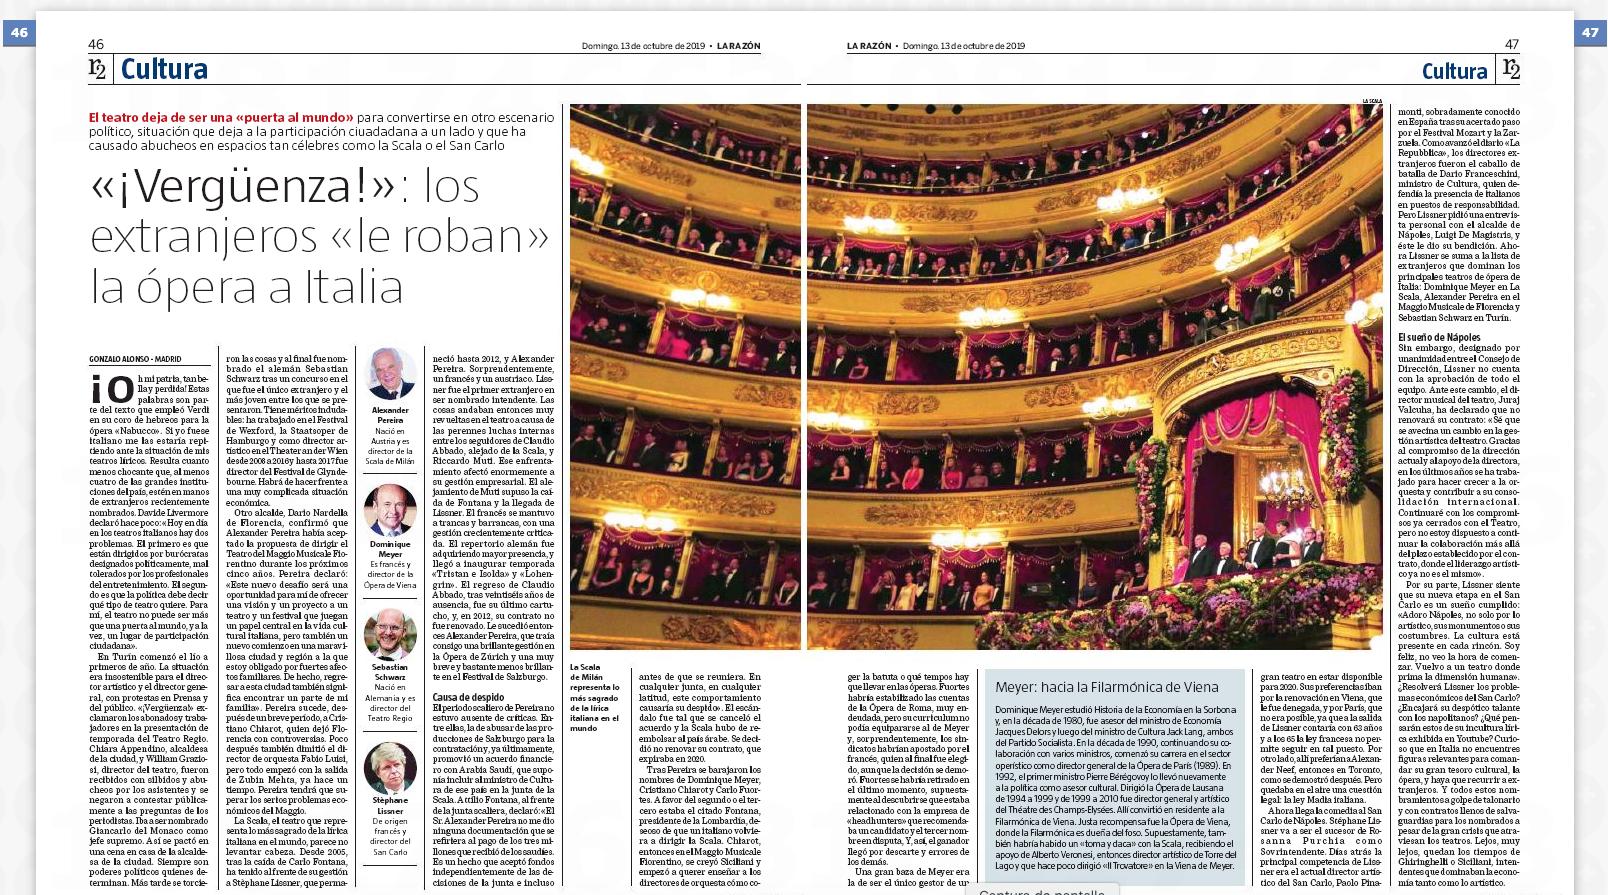 extranjeros-roban-opera-italia